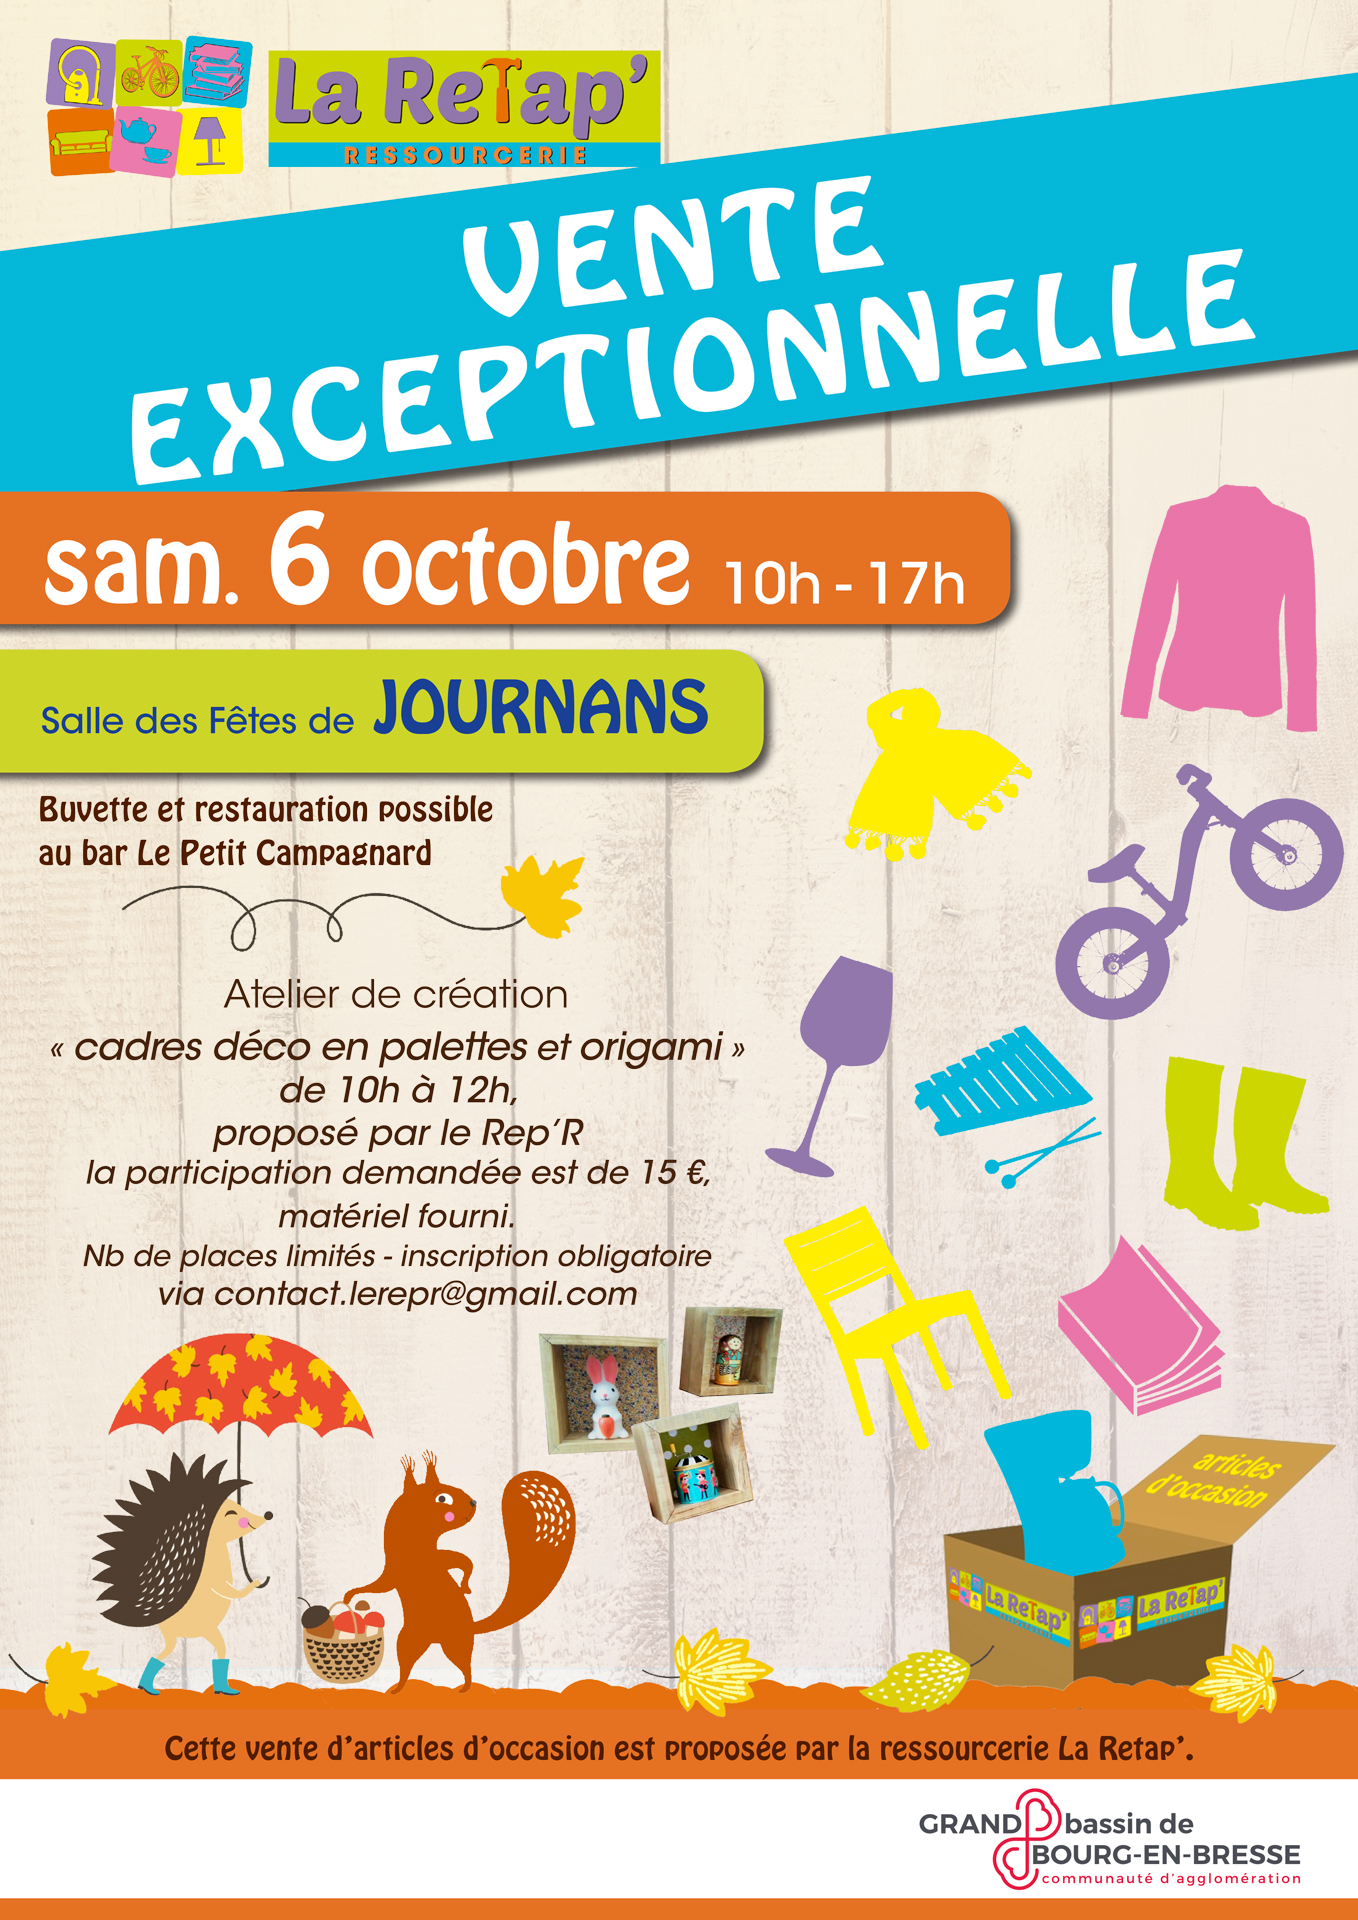 Vente exceptionnelle à Pont-de-Veyle